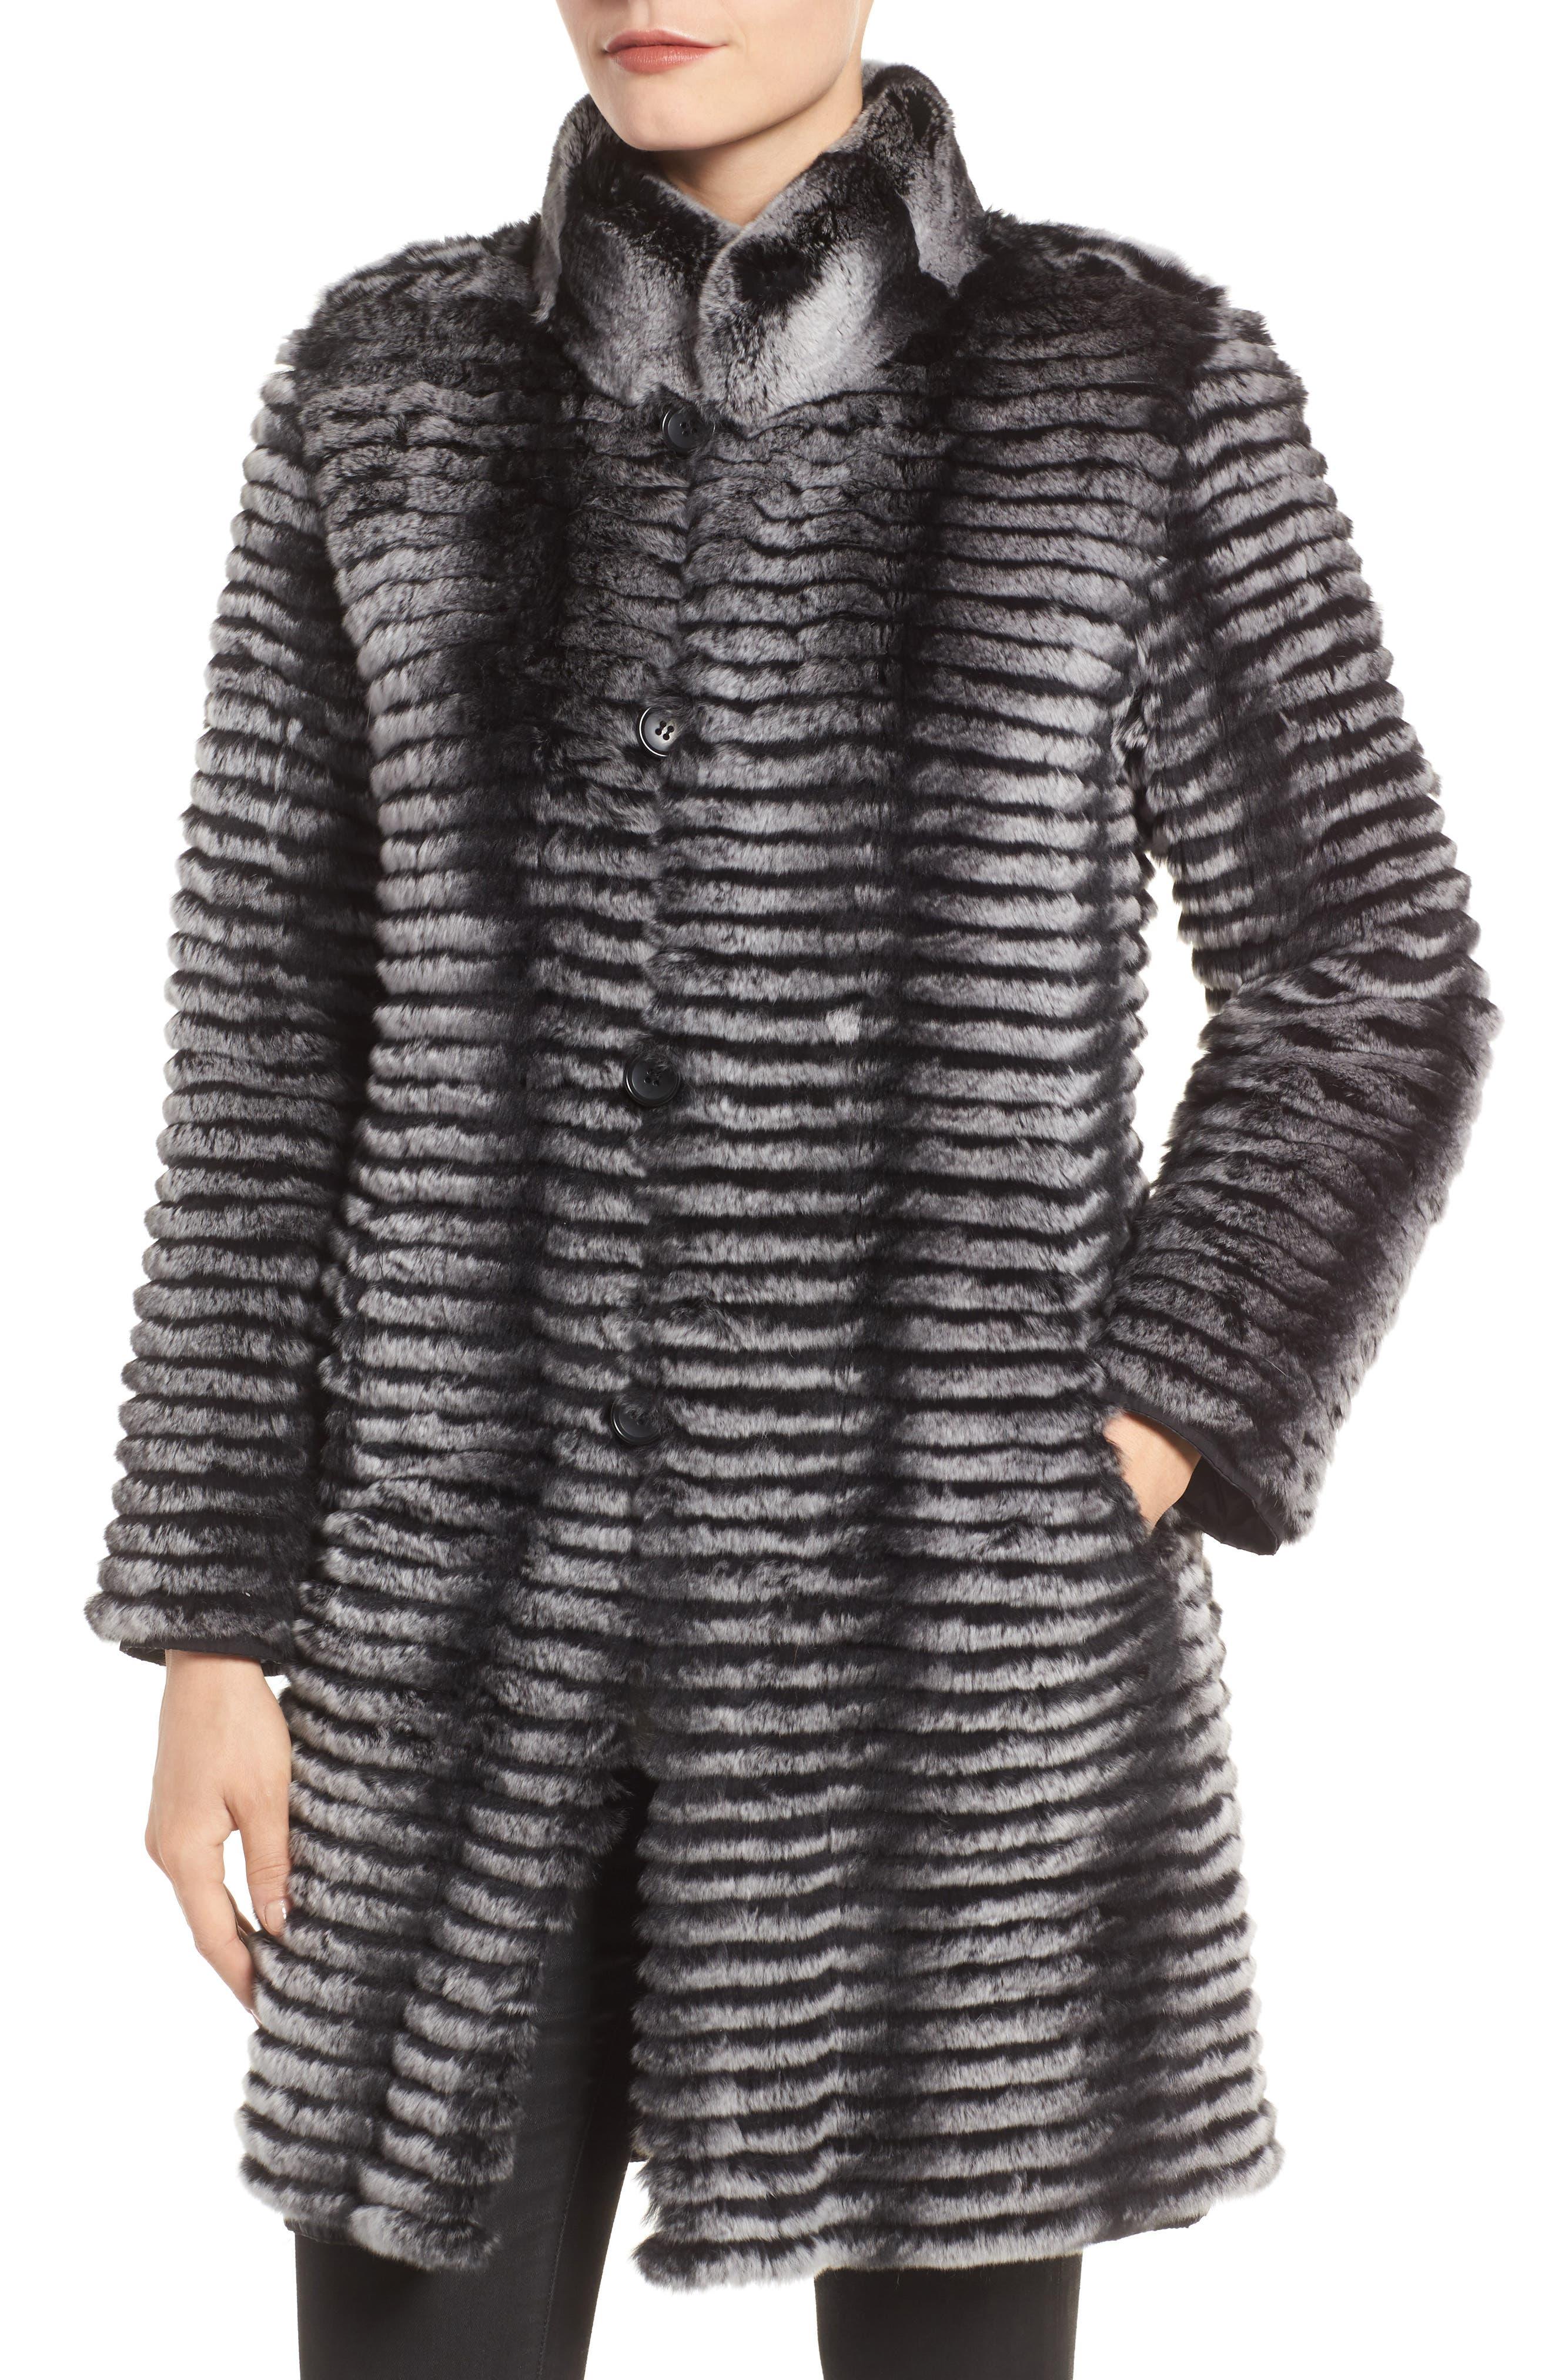 Reversible Genuine Rabbit Fur & Down Coat,                             Alternate thumbnail 4, color,                             BLACK